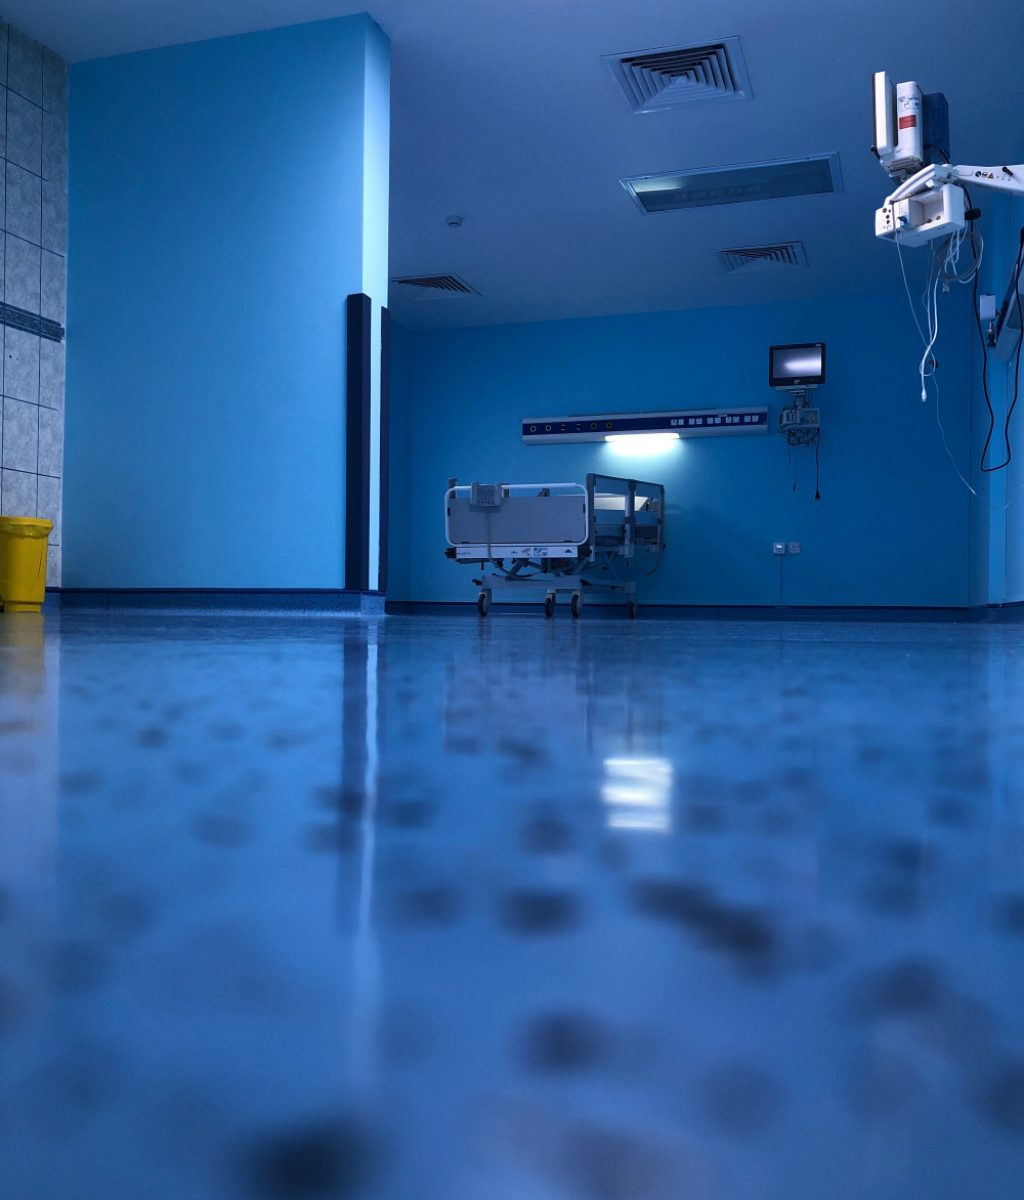 pulizia ospedali milano